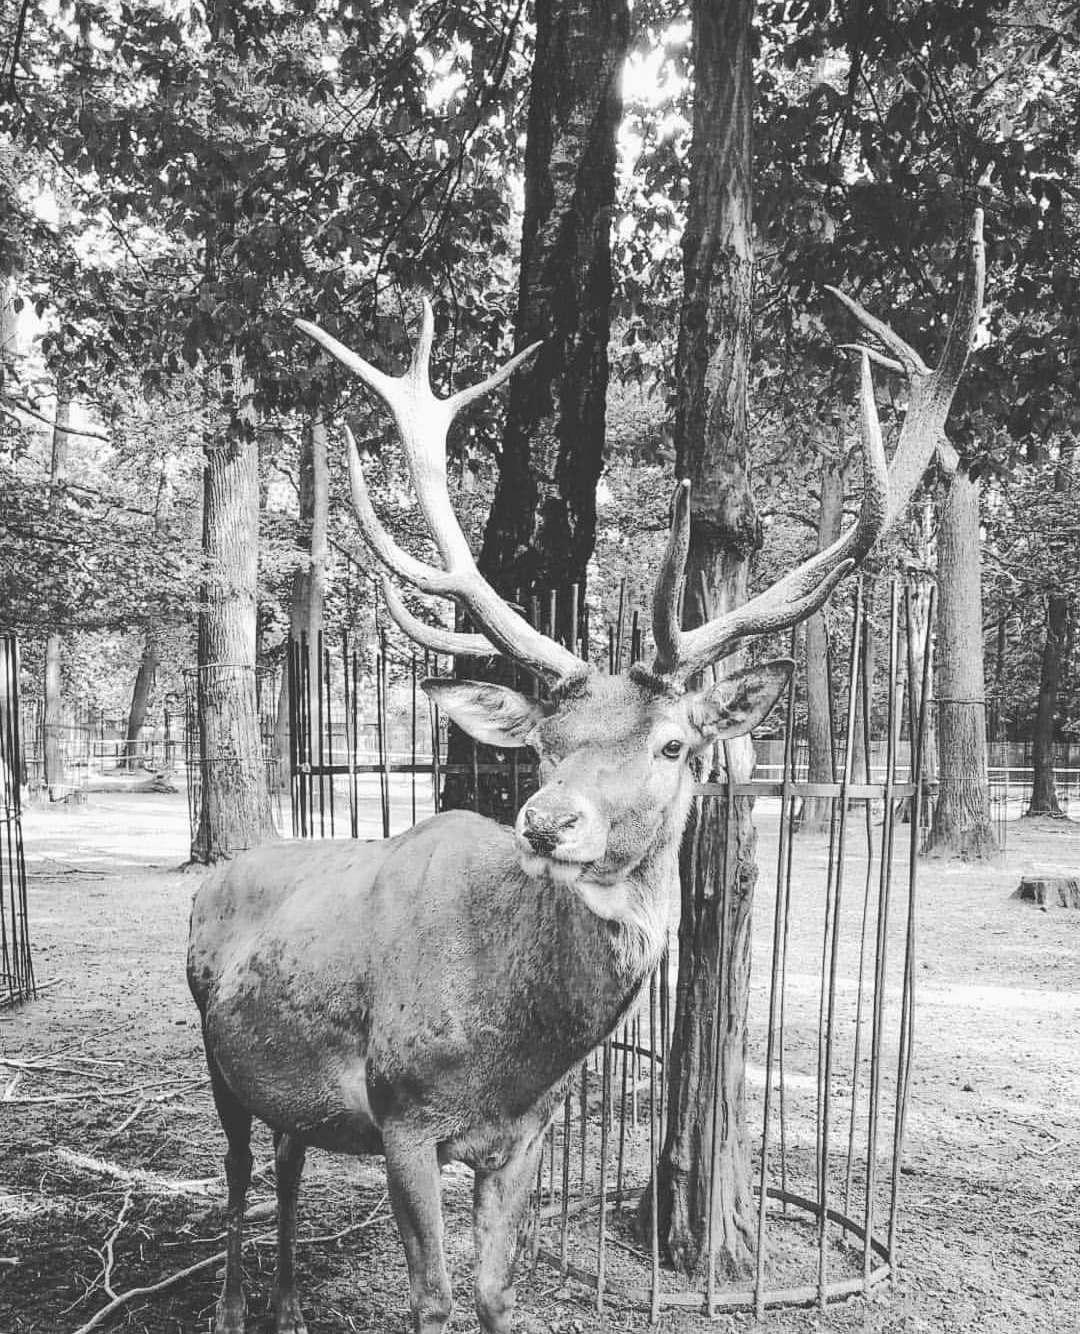 krakw_zoo_w_krakowie_poland750_16_08_2019